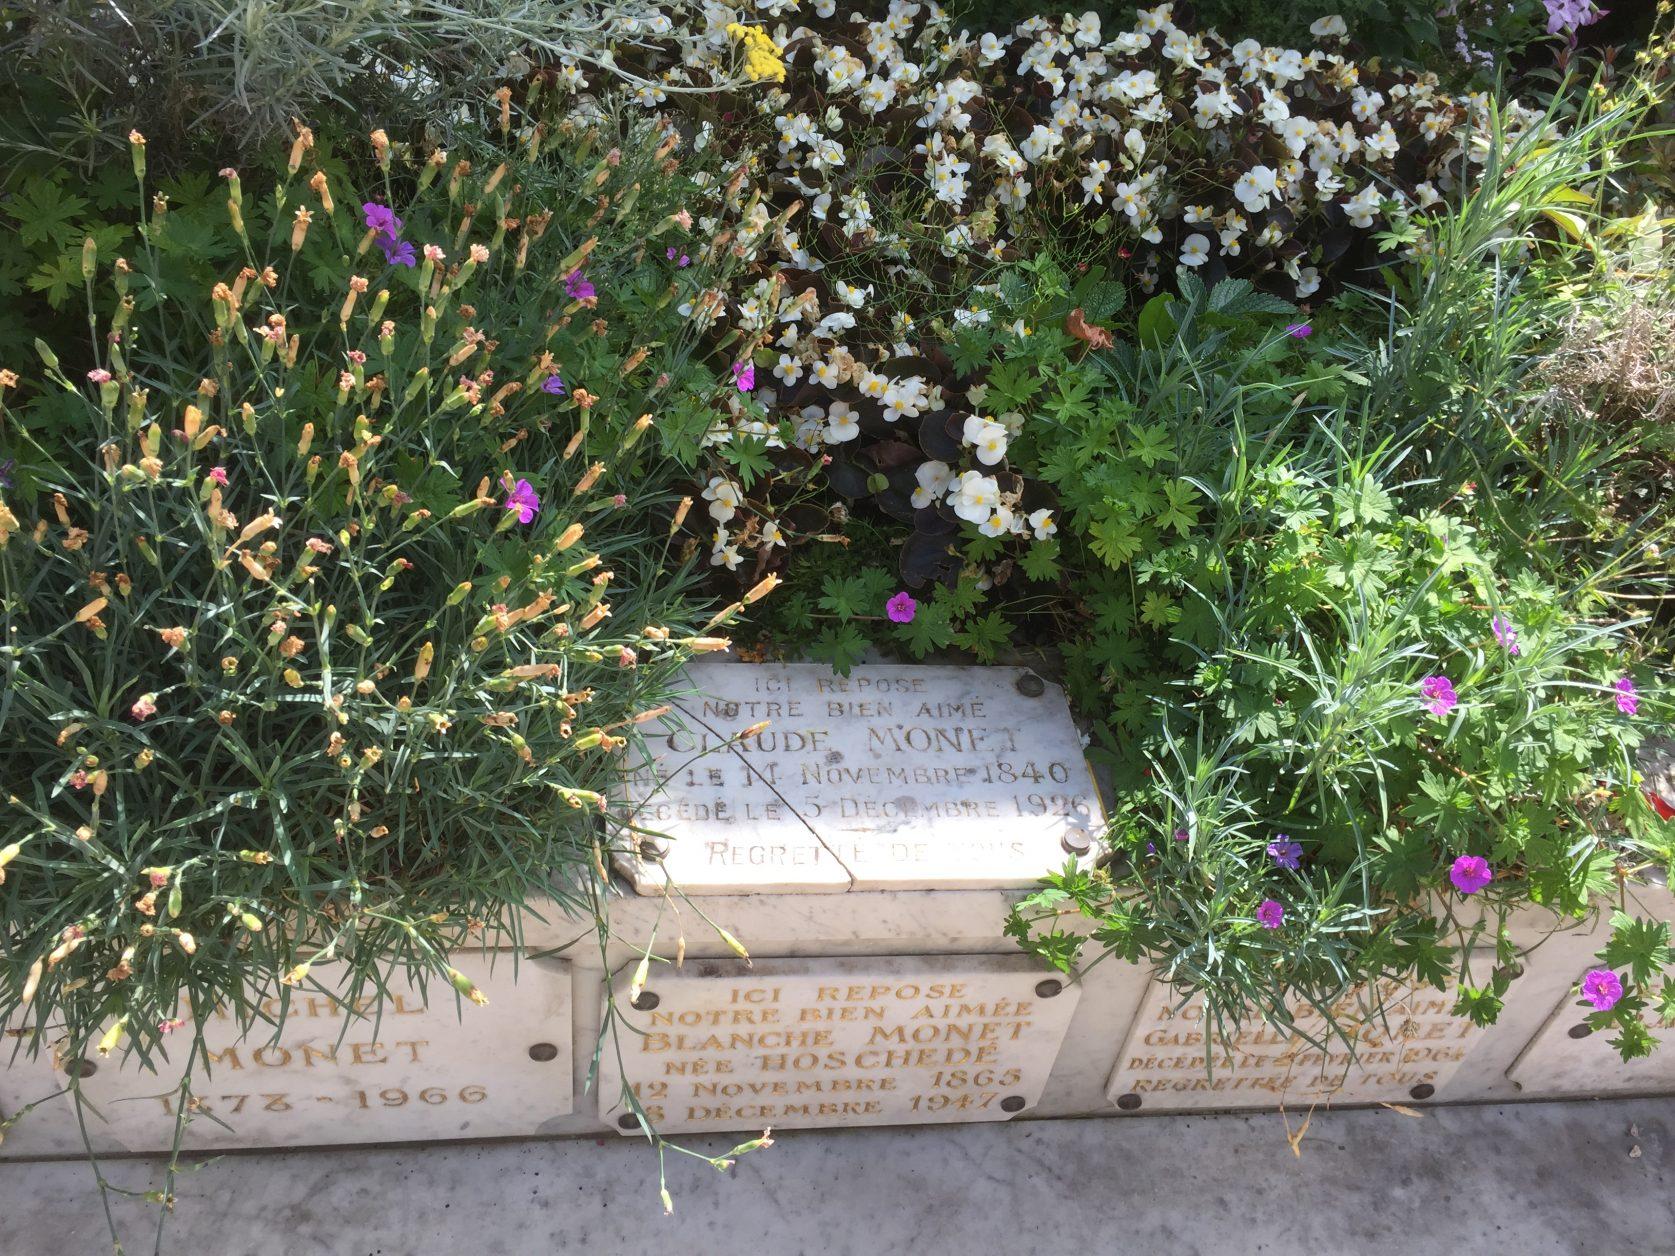 Das Grab von Claude Monet in Giverny Foto: Weirauch